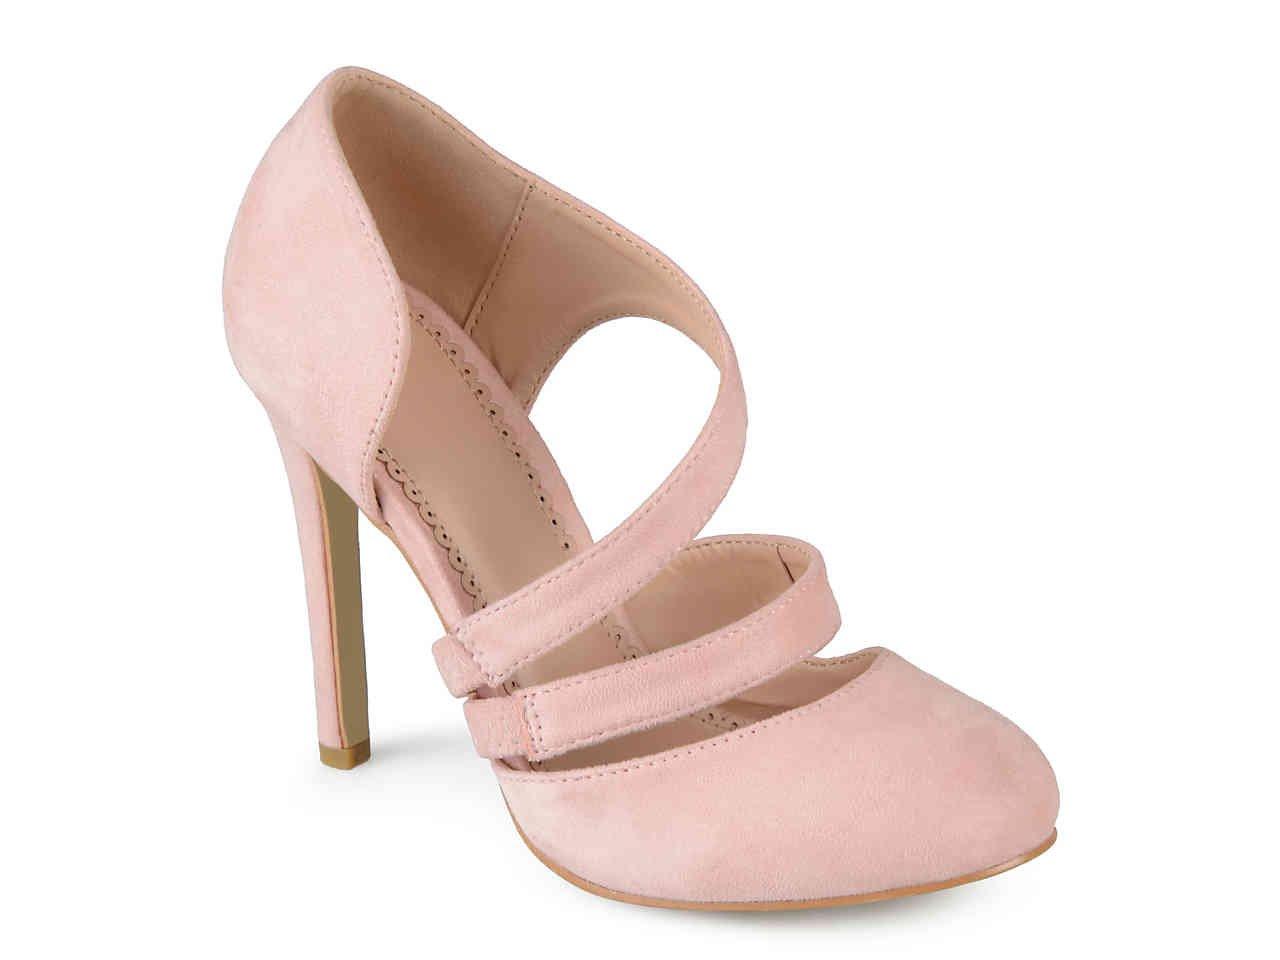 Journee Collection Zeera Pump Women's Shoes | DSW